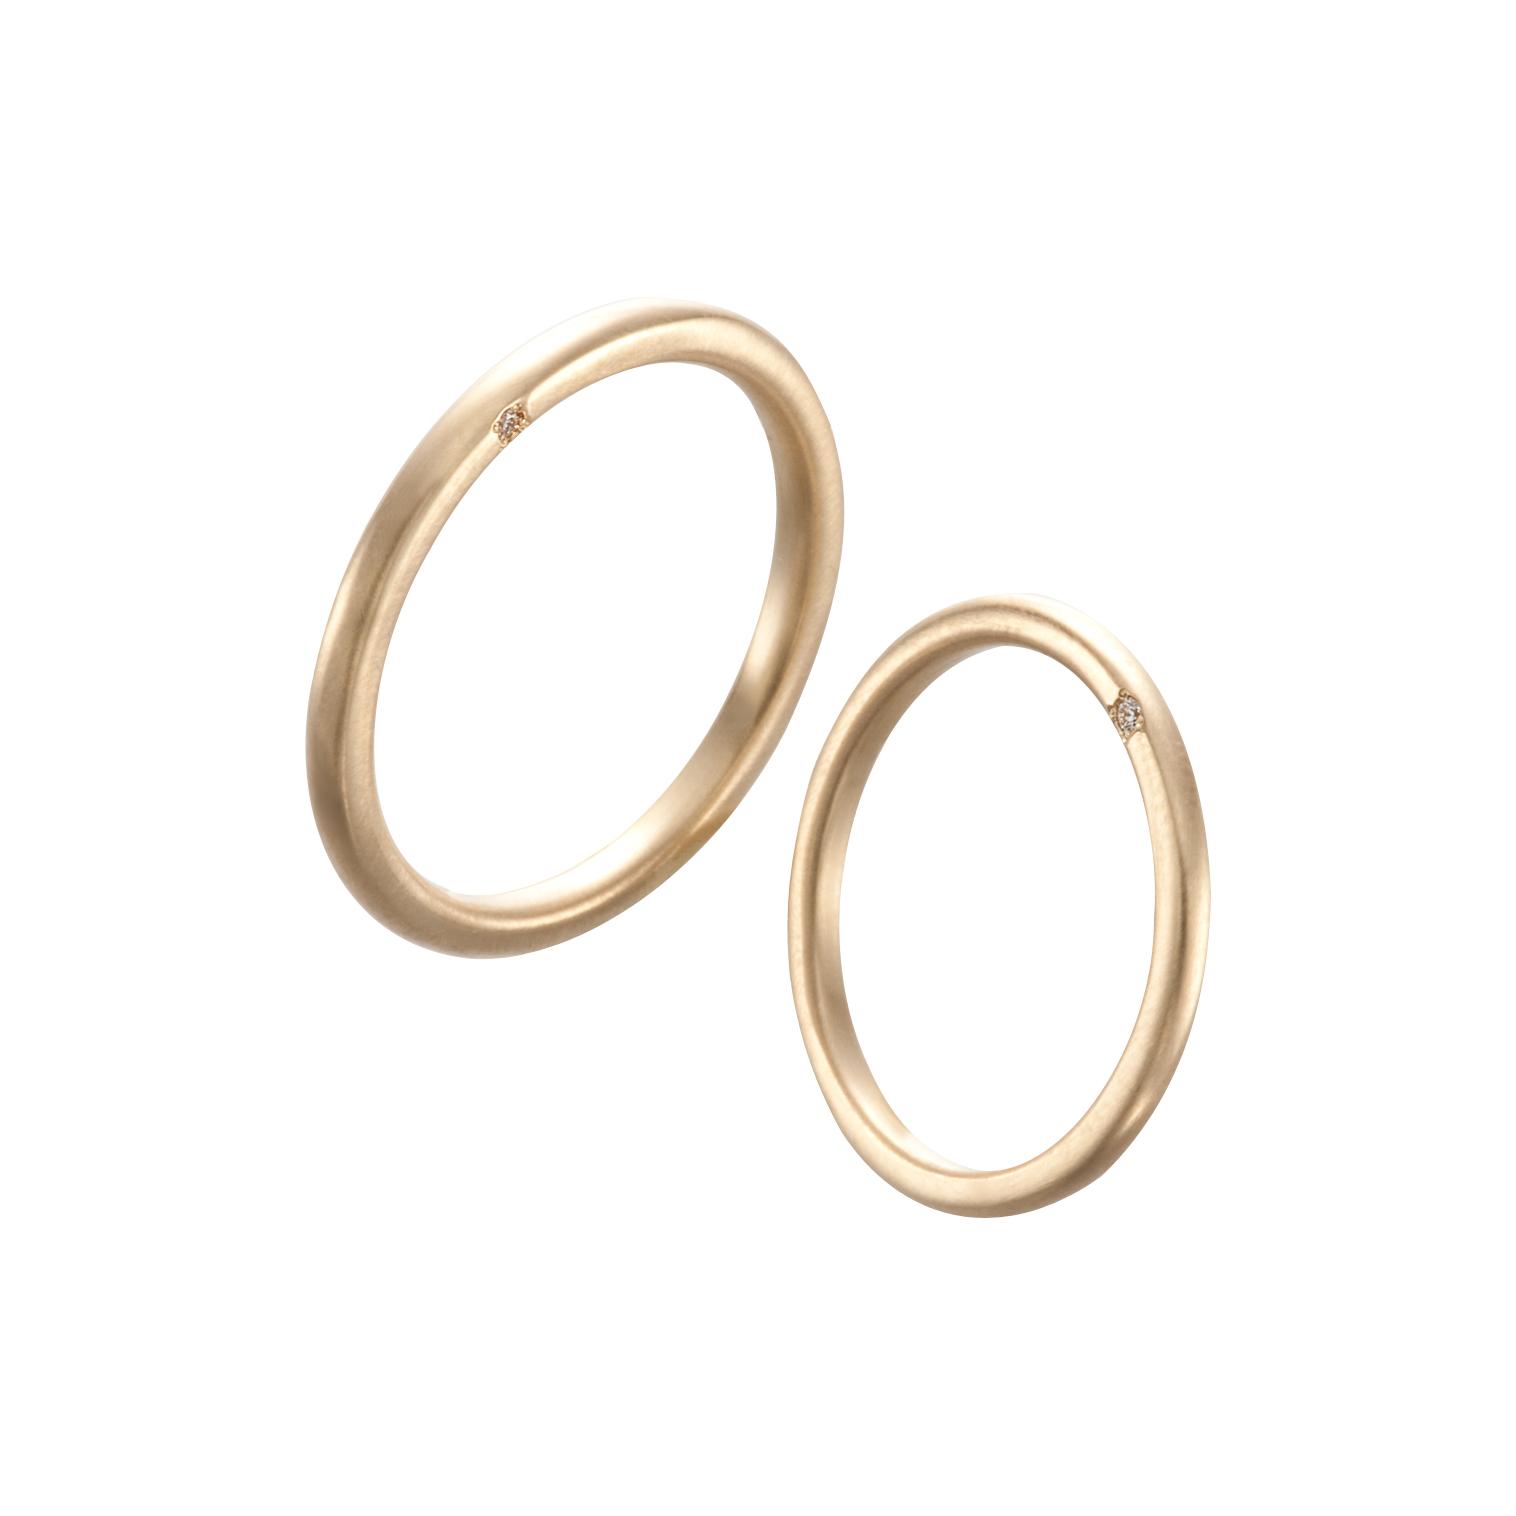 結婚指輪のオネスティリング